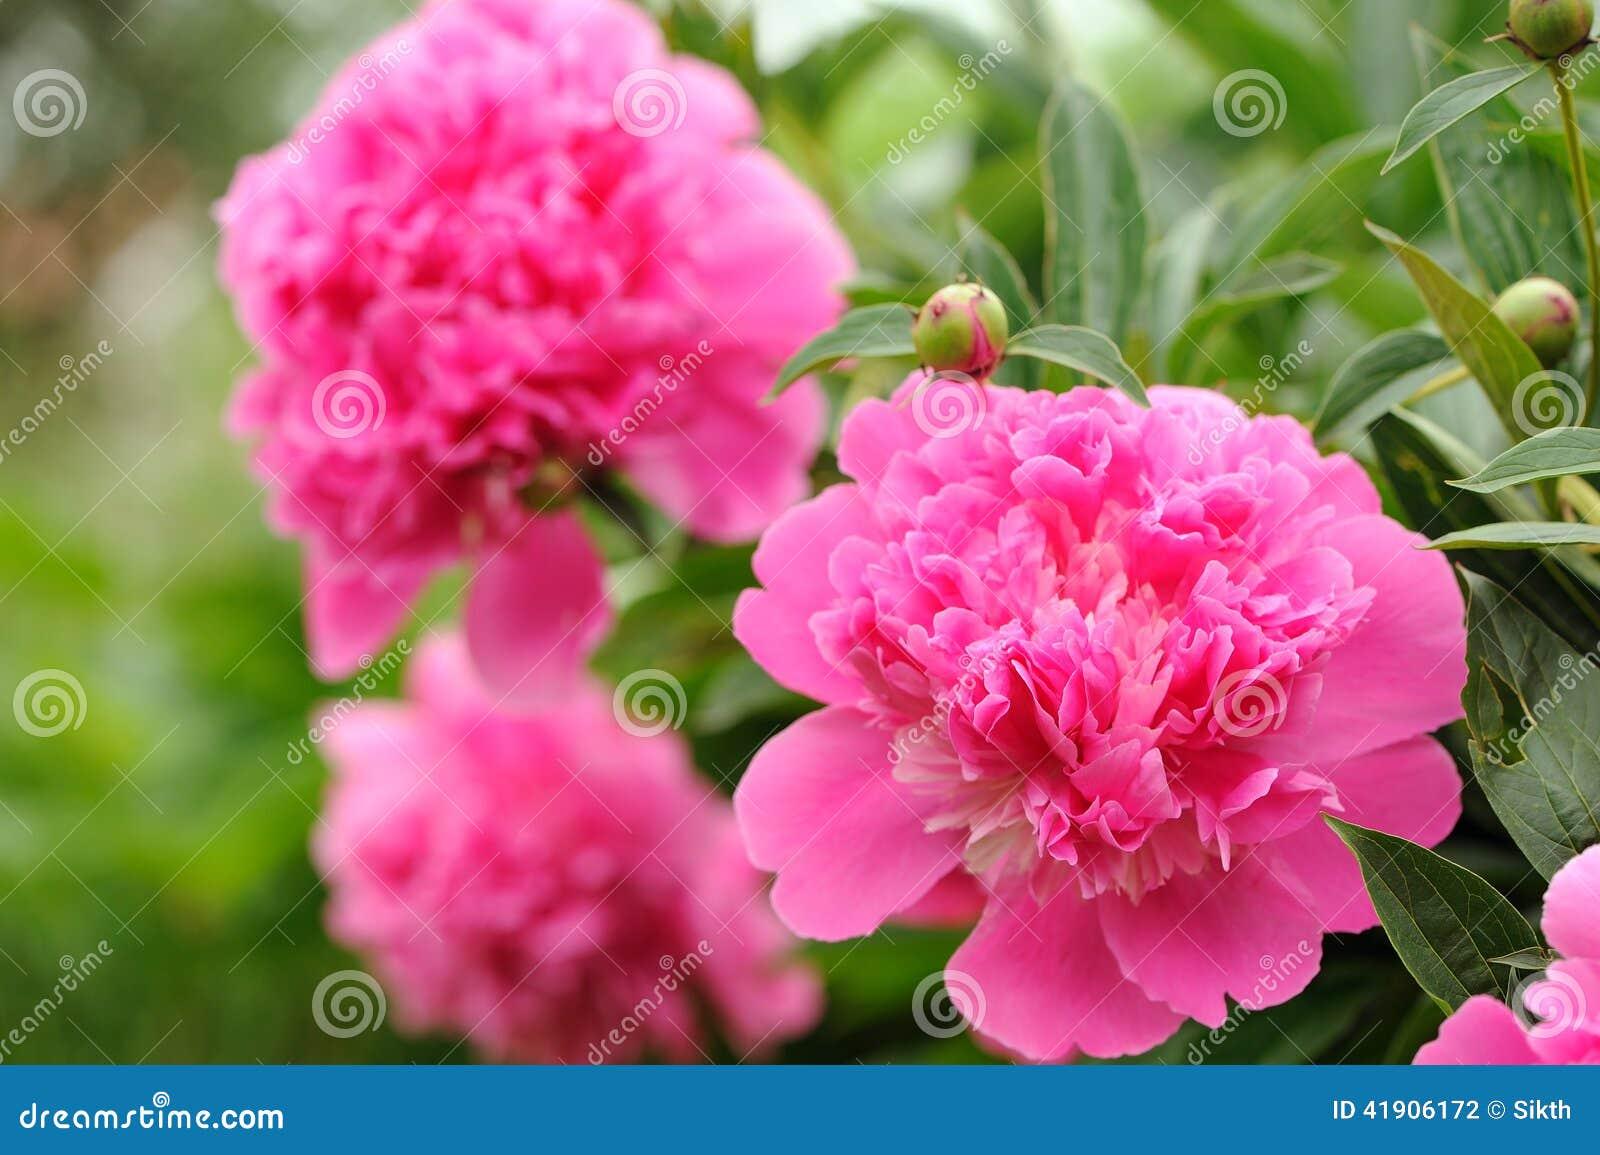 fleurs roses de pivoine avec des bourgeons dans le jardin photo stock image du pivoine flore. Black Bedroom Furniture Sets. Home Design Ideas